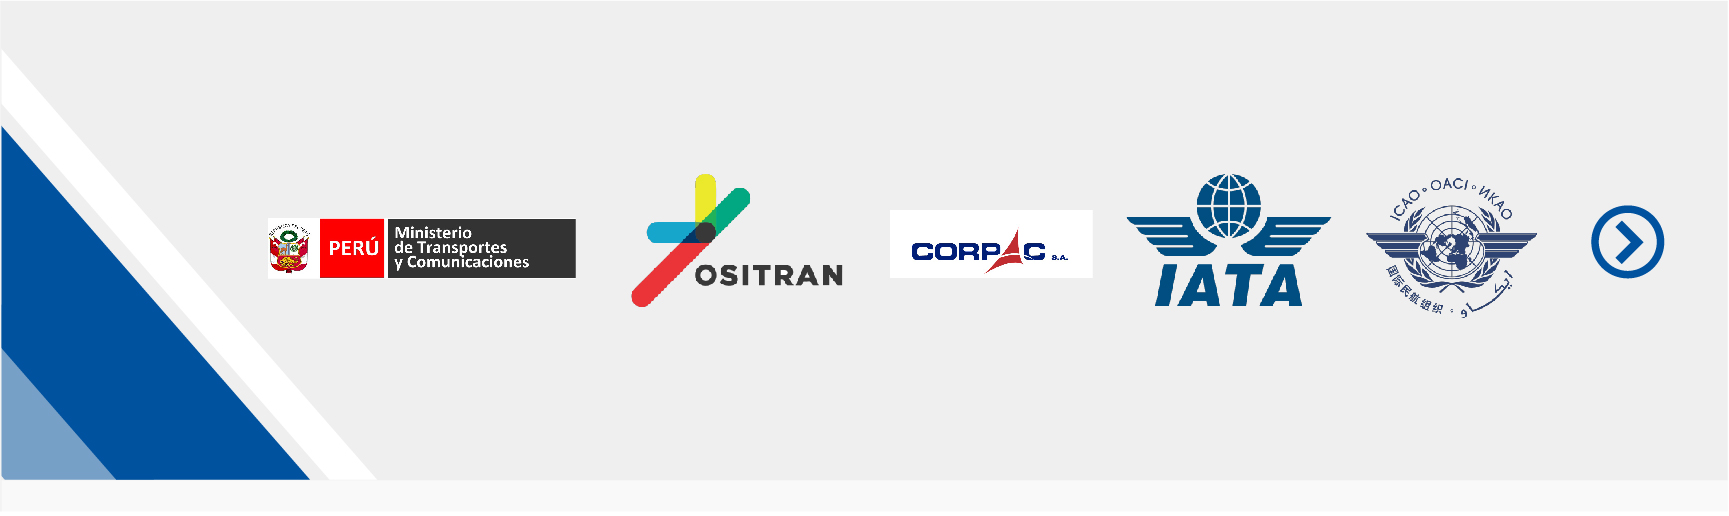 Logos stakeholders6-2-19-01.jpg